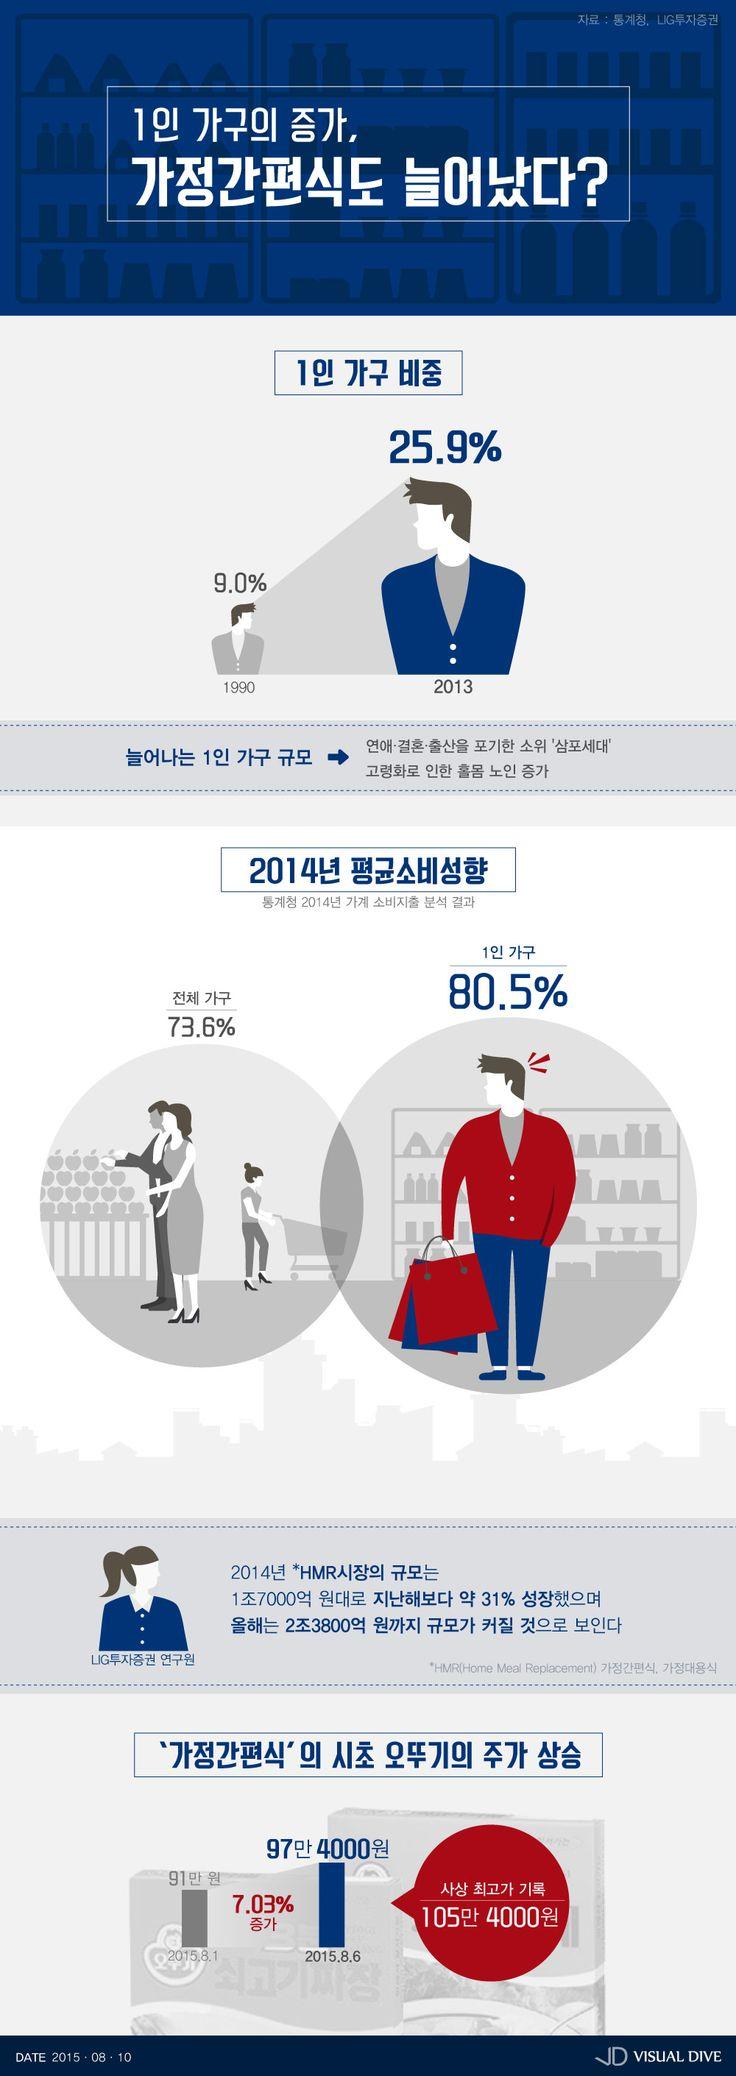 1인 가구 증가…가정간편식 '인기' [인포그래픽] #Single / #Infographic ⓒ 비주얼다이브 무단 복사·전재·재배포 금지